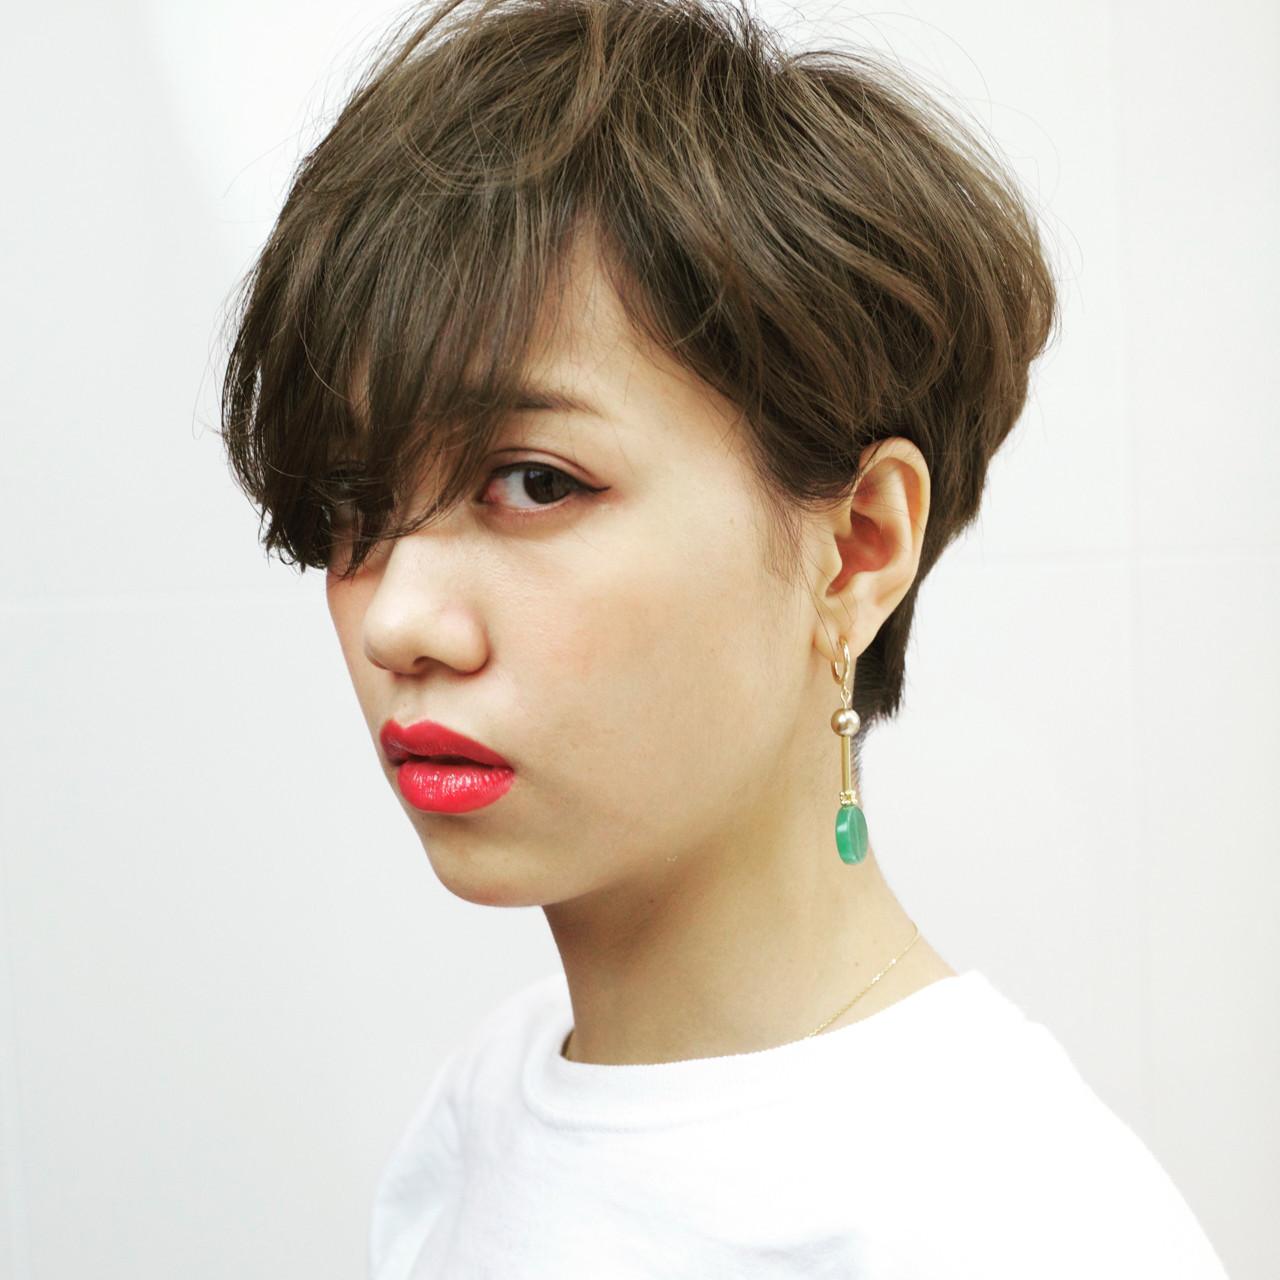 パーマ ショート ヘアアレンジ ストリート ヘアスタイルや髪型の写真・画像